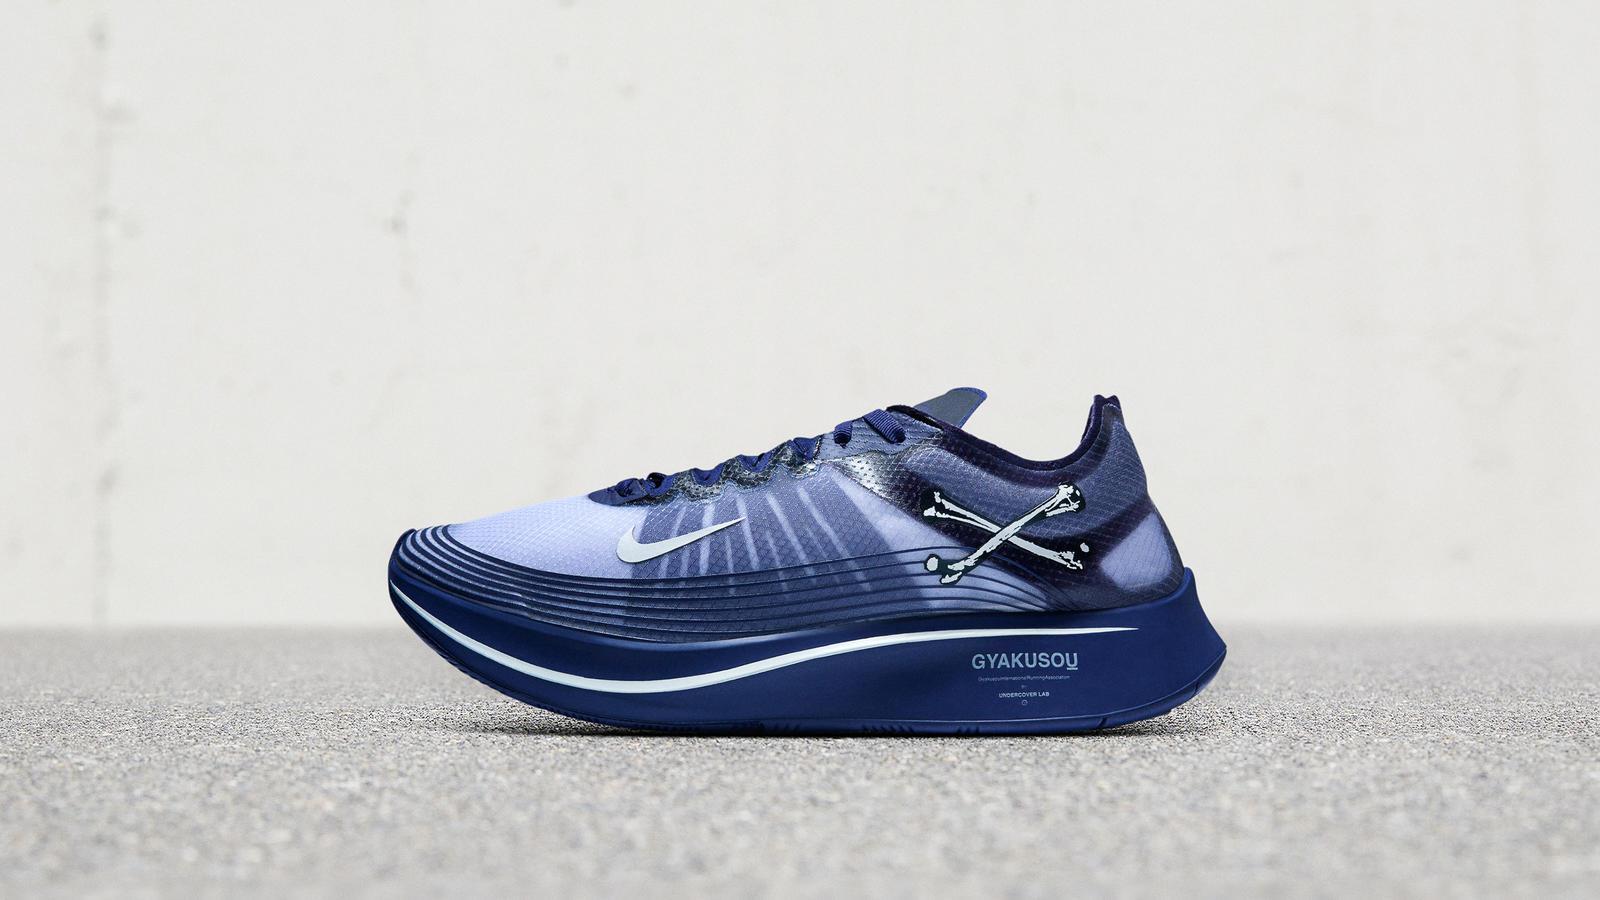 Nike Zoom Fly SP Gyakusou - Nike News